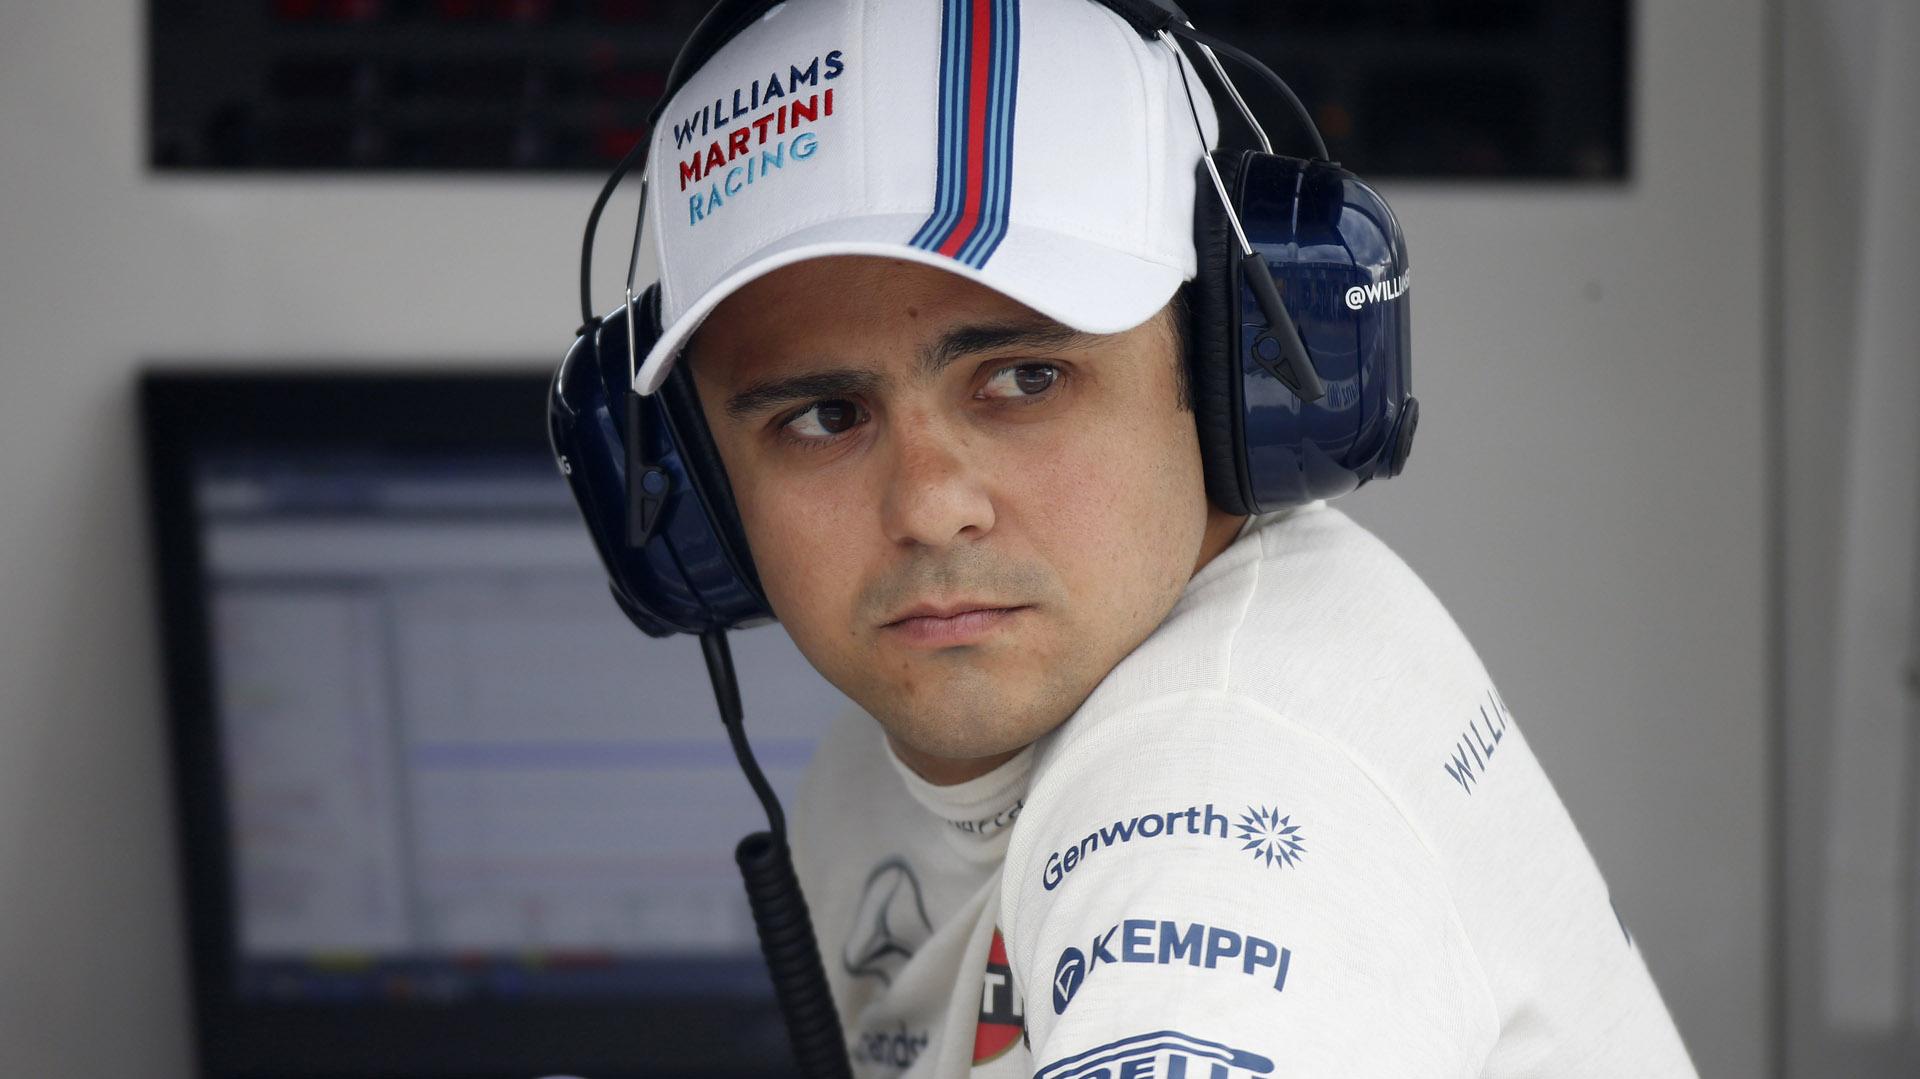 El piloto brasileño Felipe Massa anunció que se retiraal final de la vigente temporada de la Fórmula 1